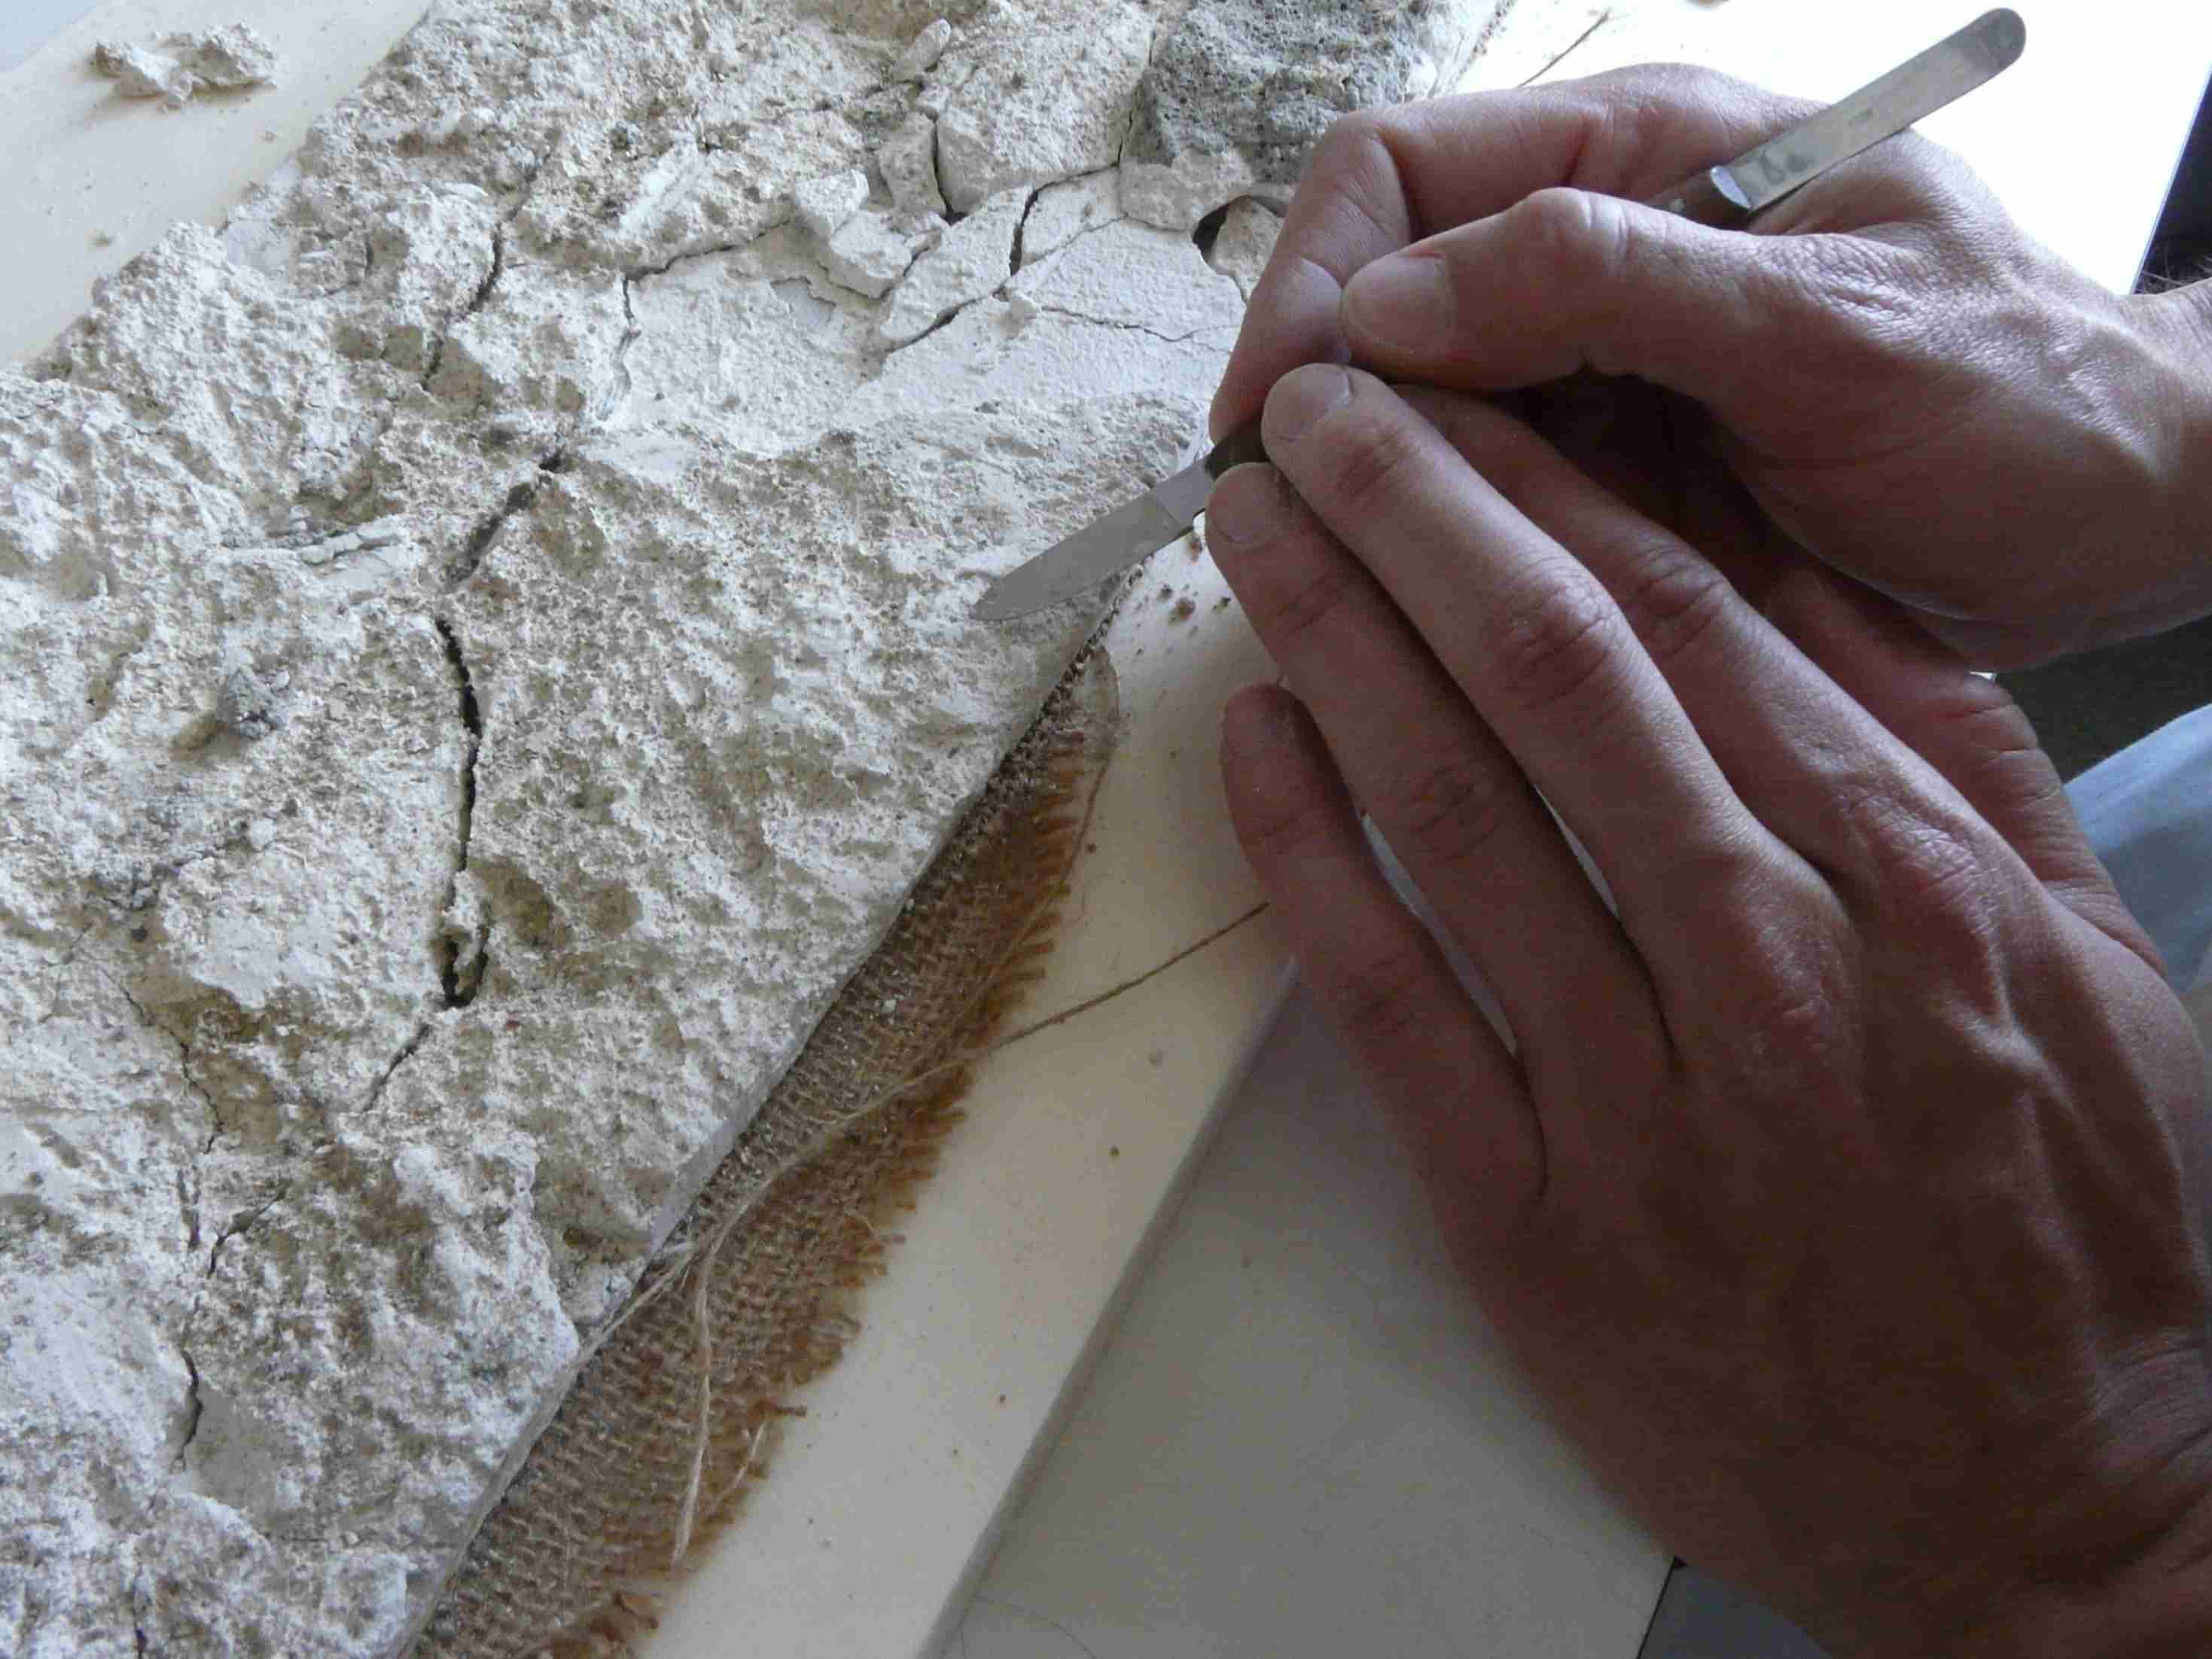 Rebaixat del revers, un cop consolidat (Foto Servei d'Arqueologia)